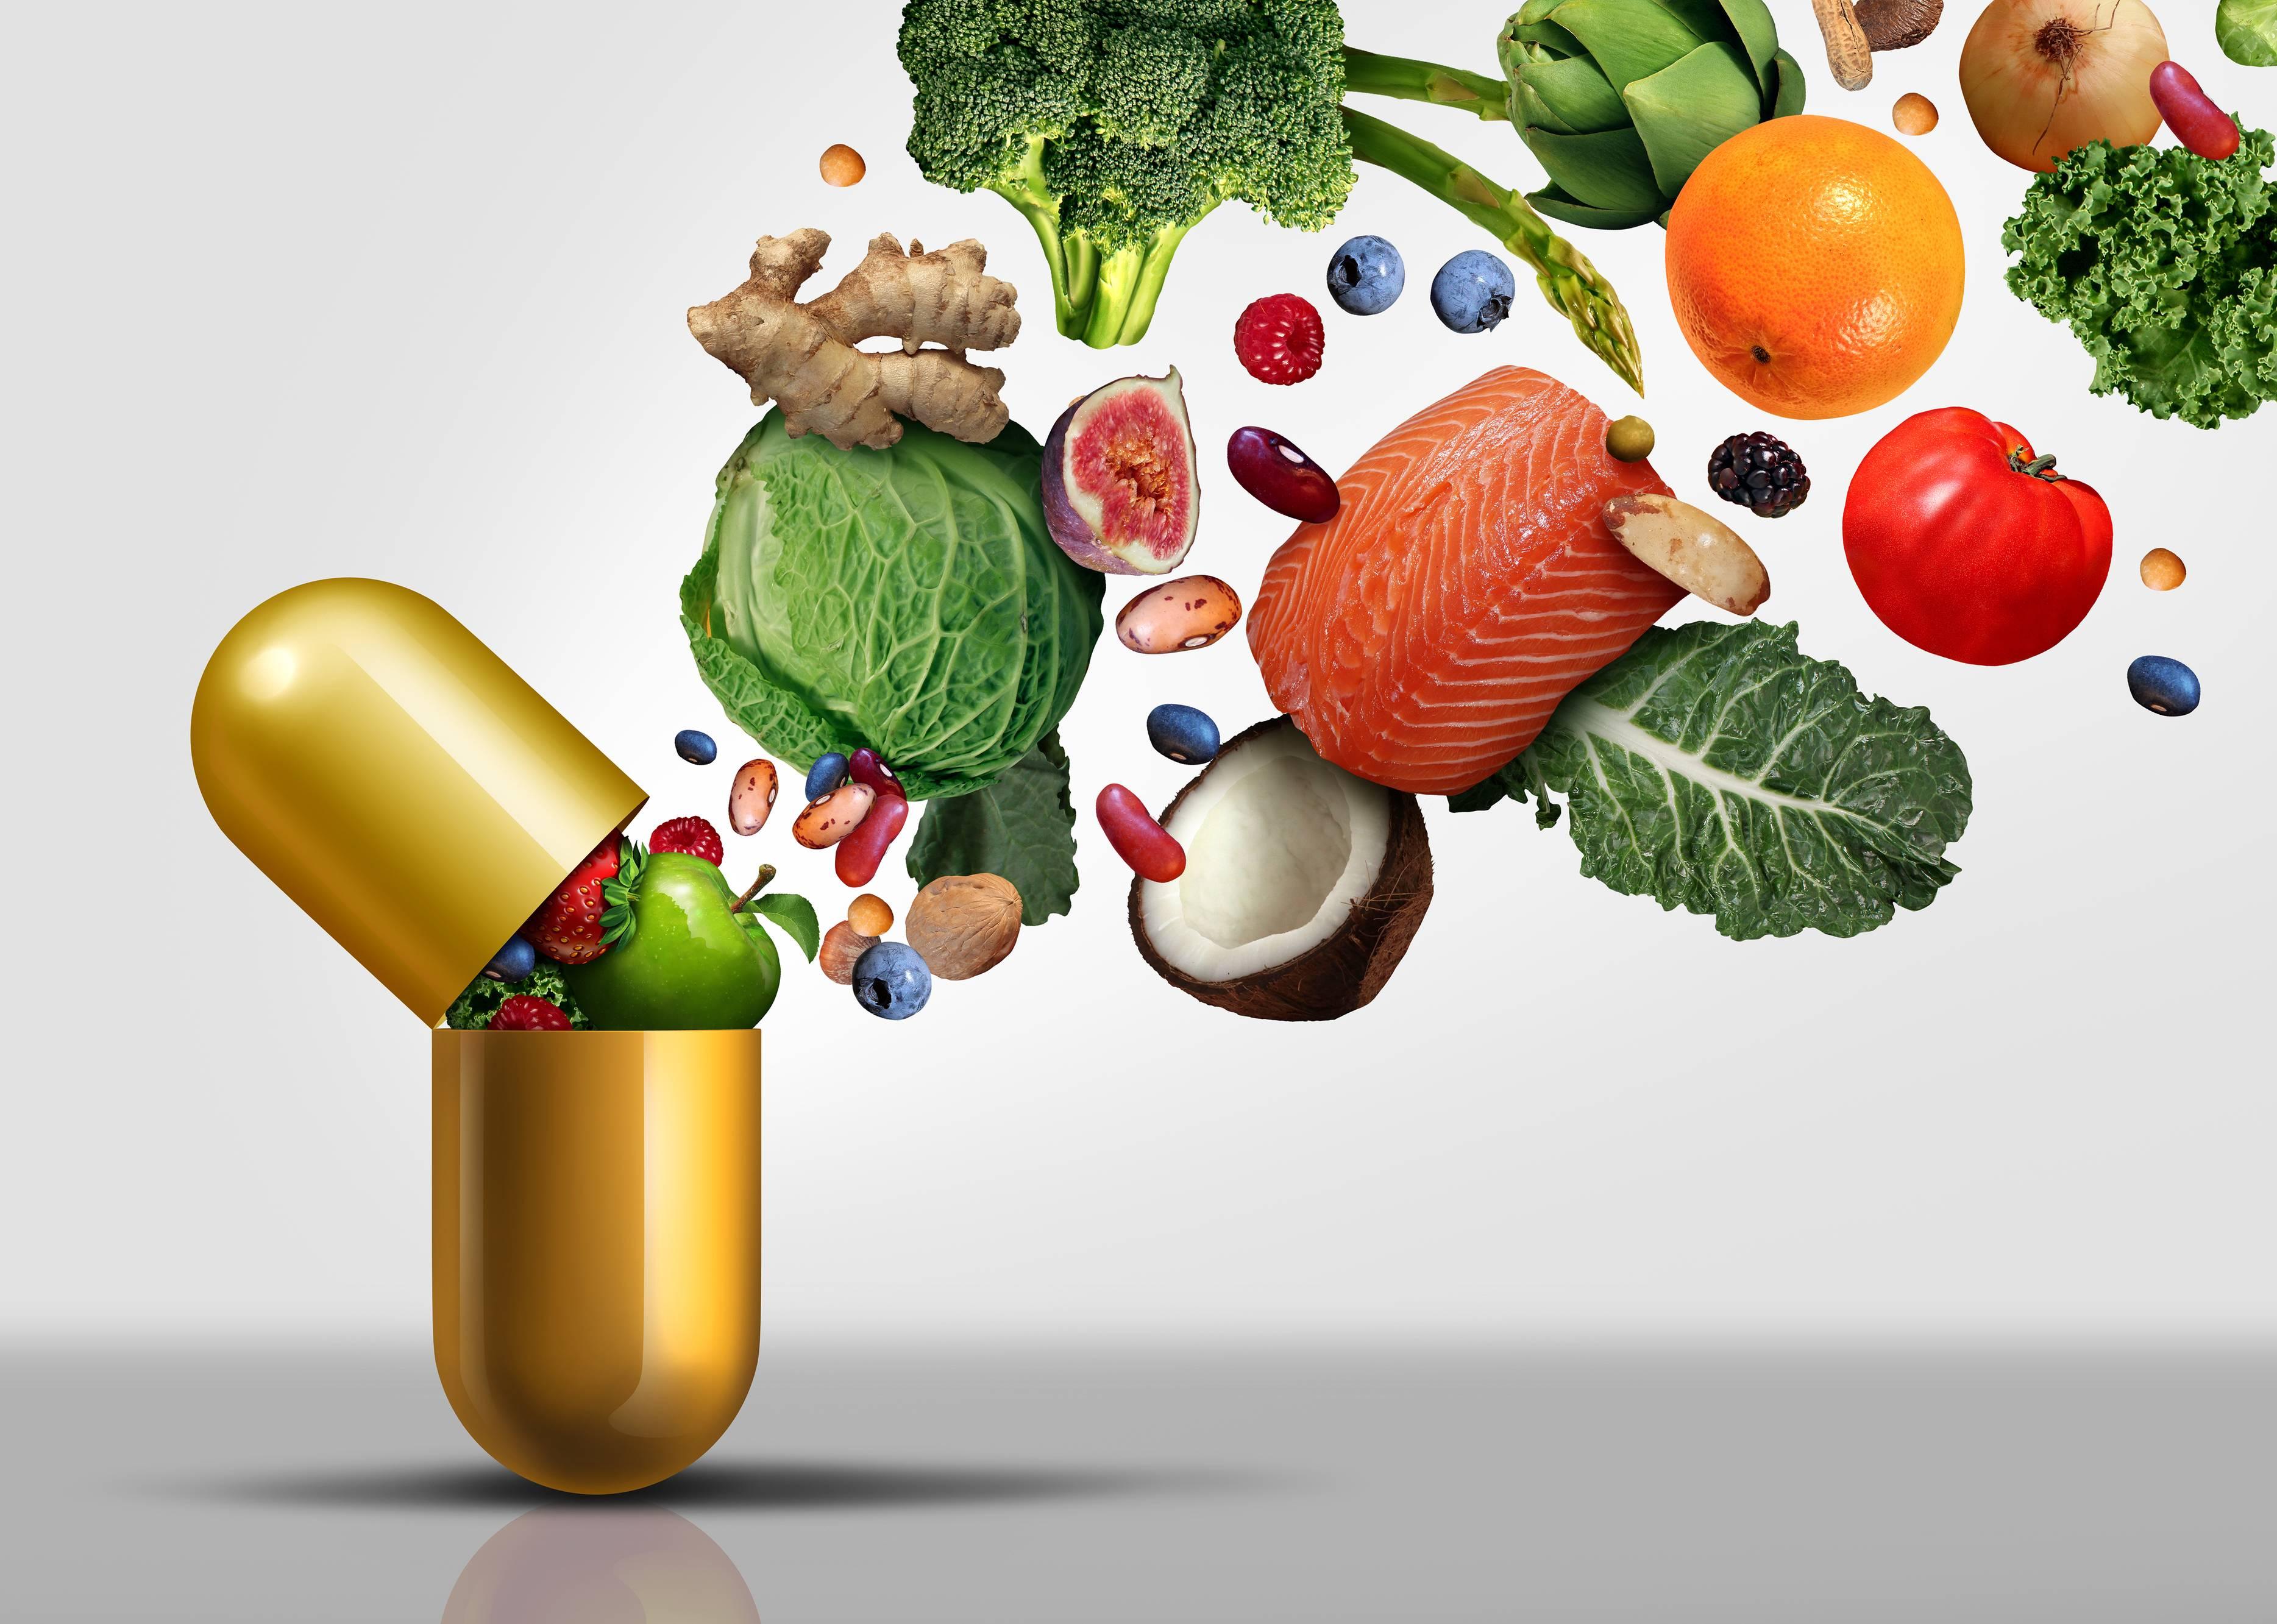 Витамины для суставов: рейтинг лучших добавок из спортпита и аптеки для спортсменов